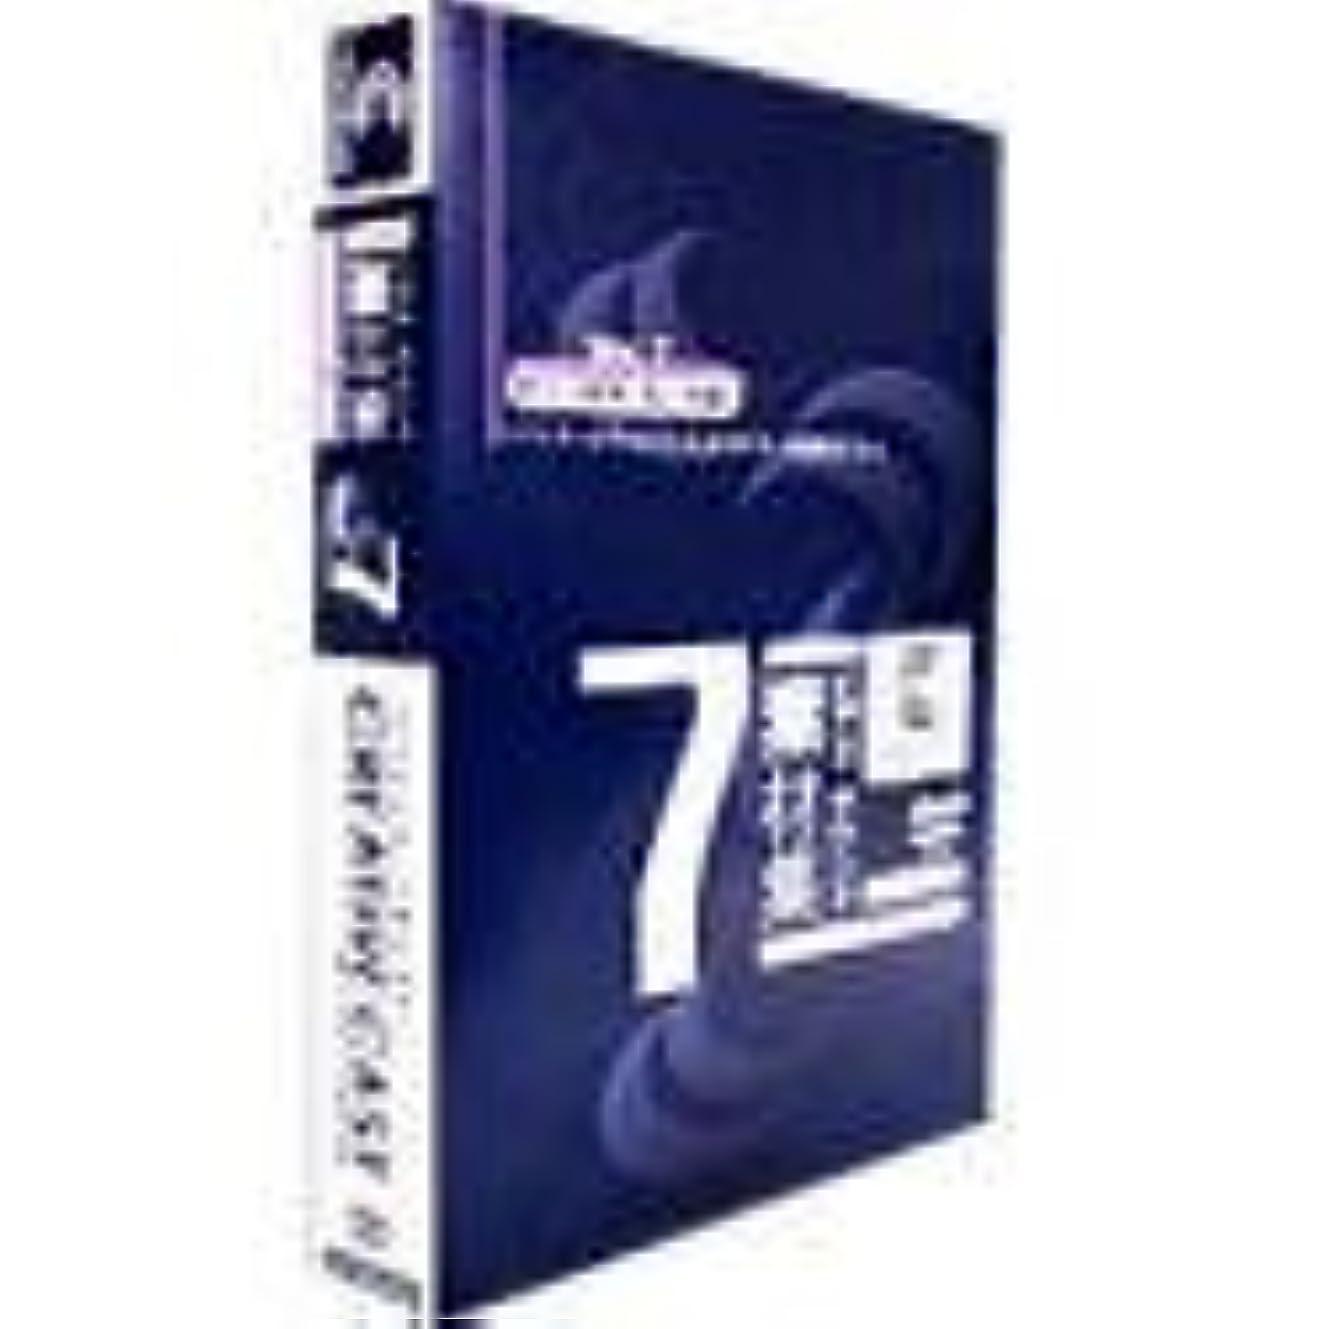 十代の若者たちダイヤル放散するCREATIVECAST プロフェッショナル for Windows Vol.7 野生の動物 海?湖編